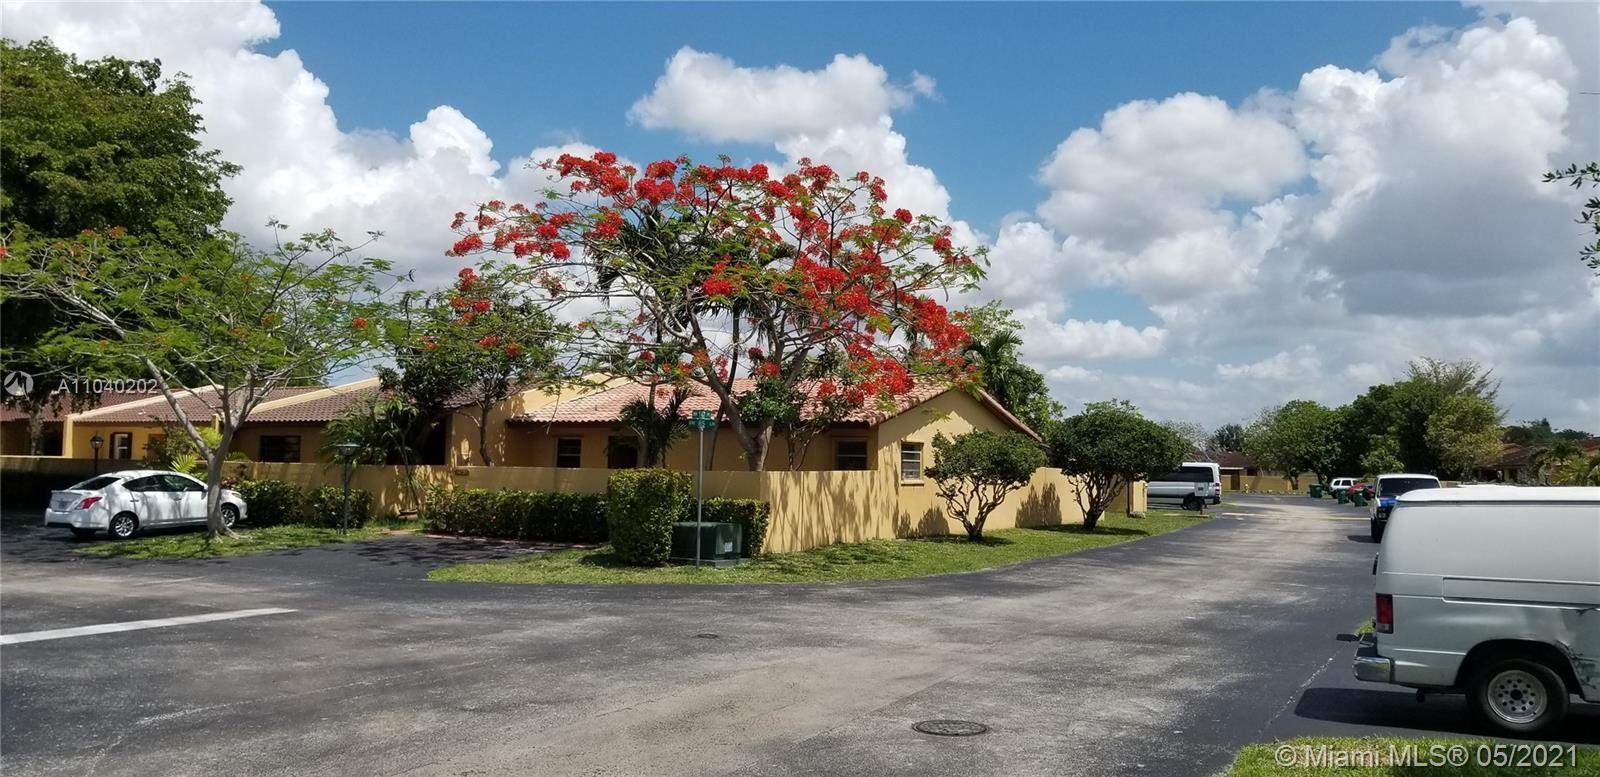 14731 SW 85th Ln, Miami, FL 33193 - #: A11040202